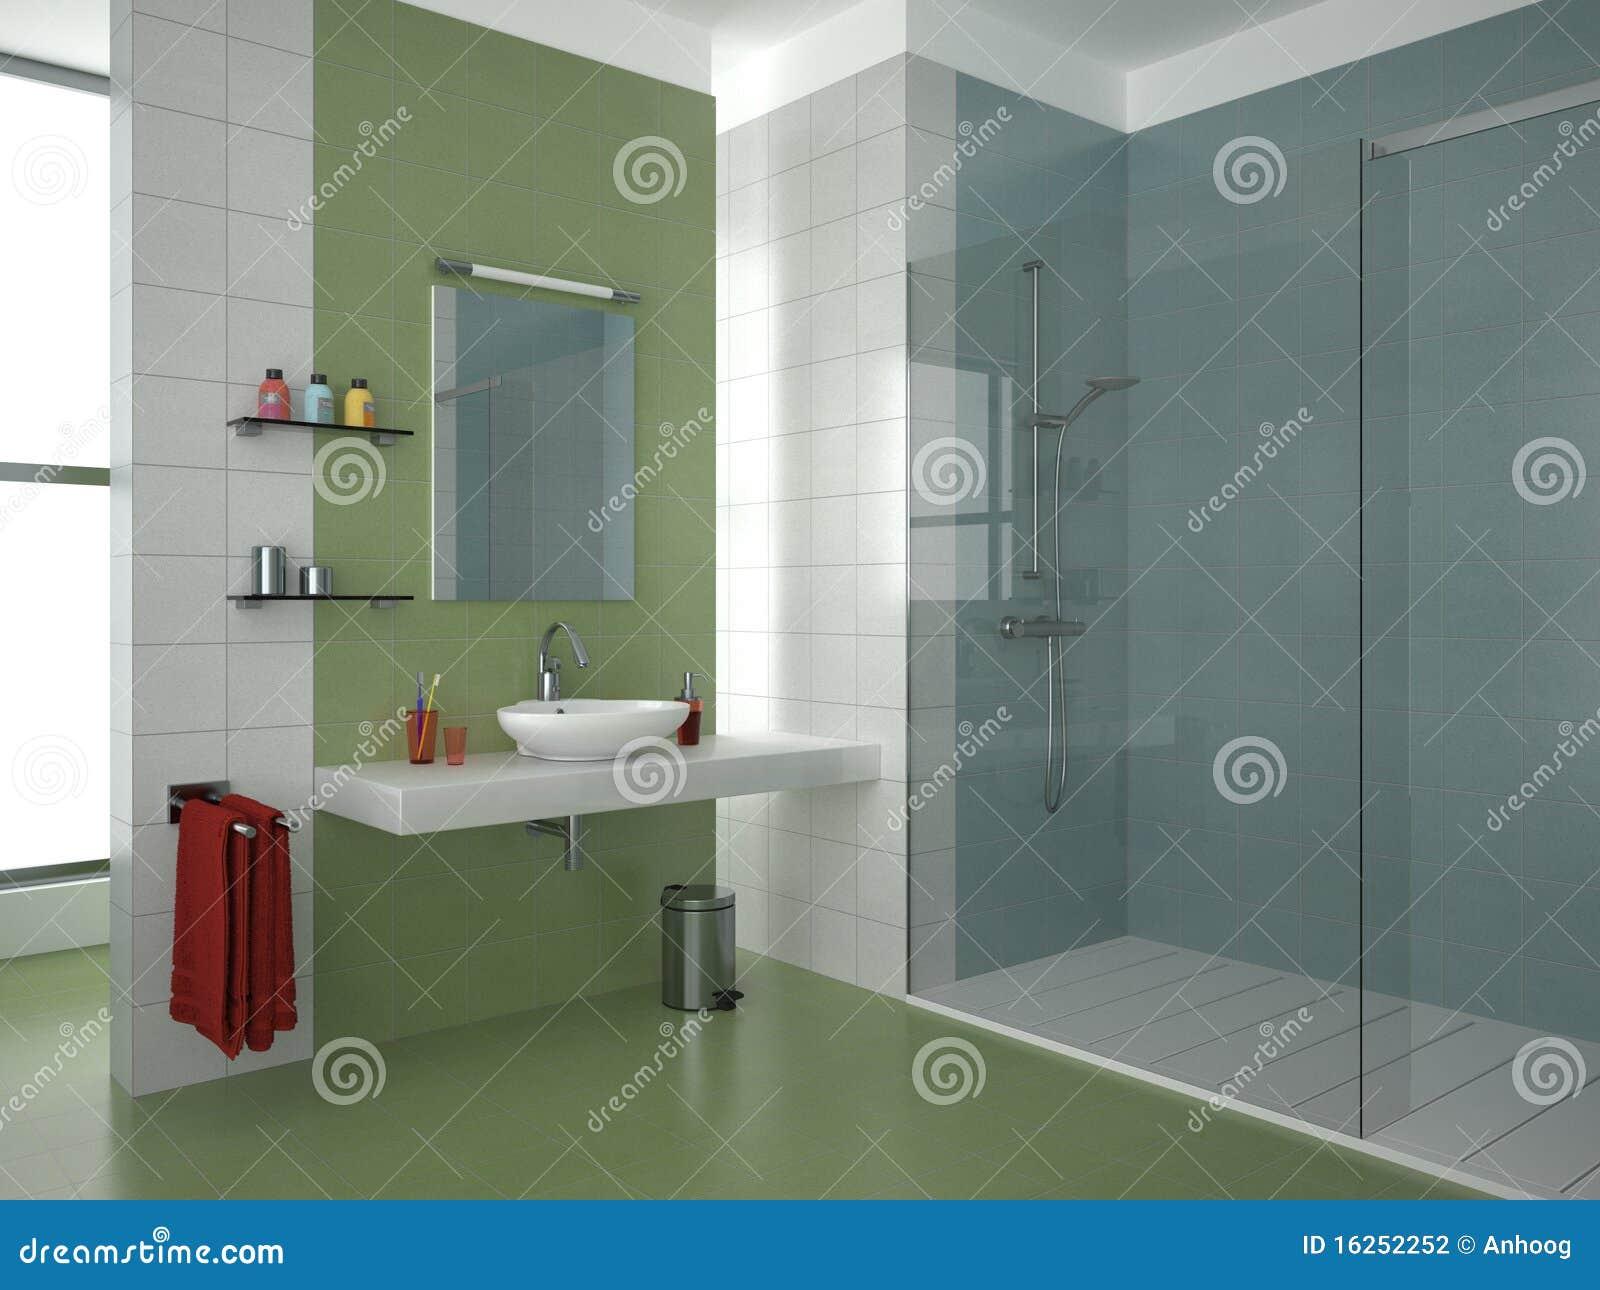 Azulejos Baño Verdes:Cuarto de baño moderno con los azulejos verdes, azules y blancos